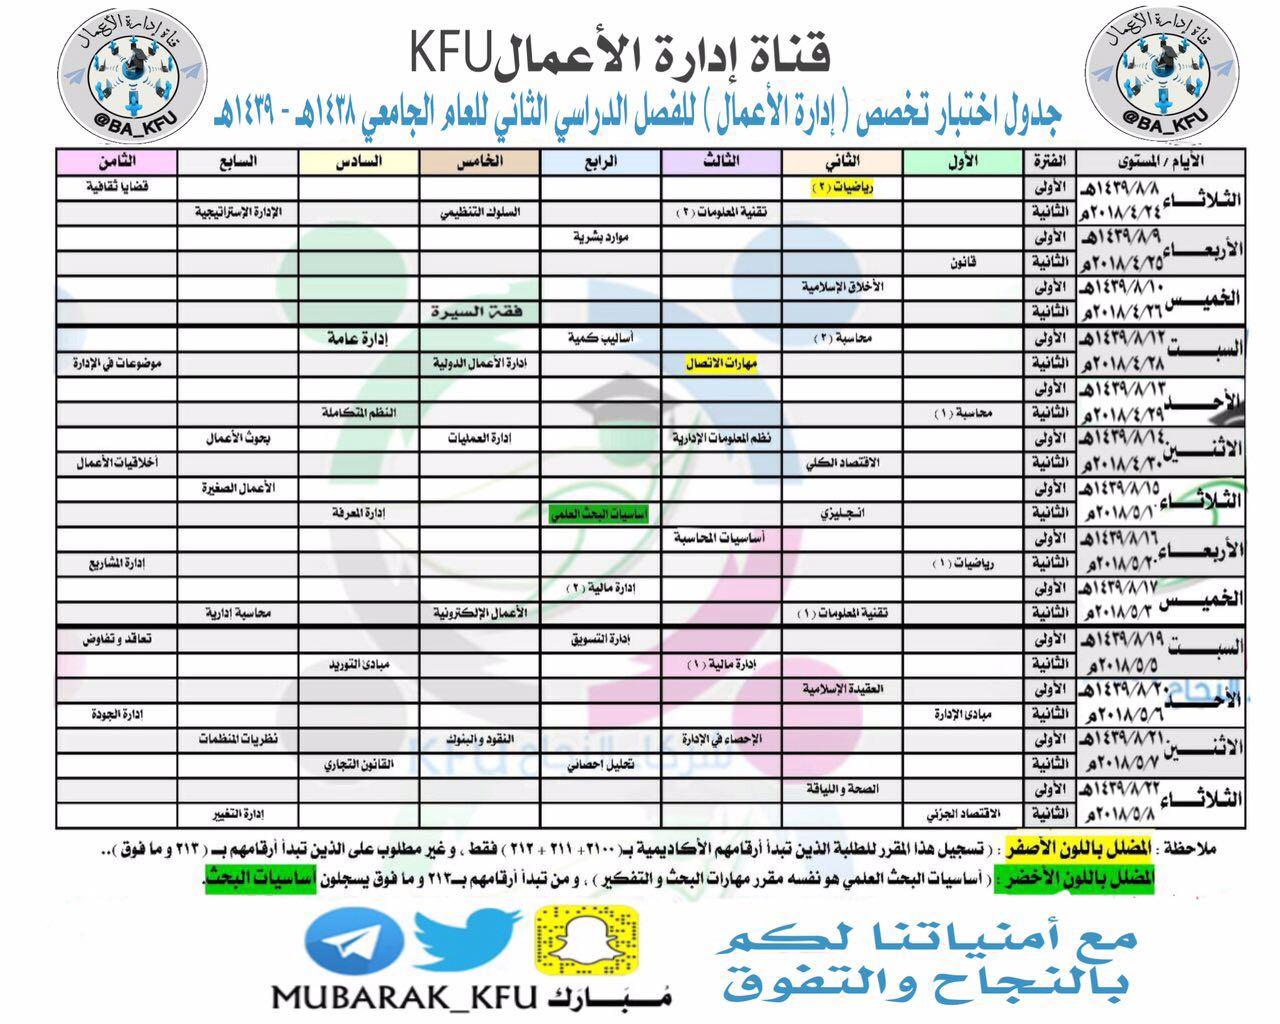 ازدهار عدد عشري عقد جامعة الملك فيصل الجداول الدراسية Sjvbca Org